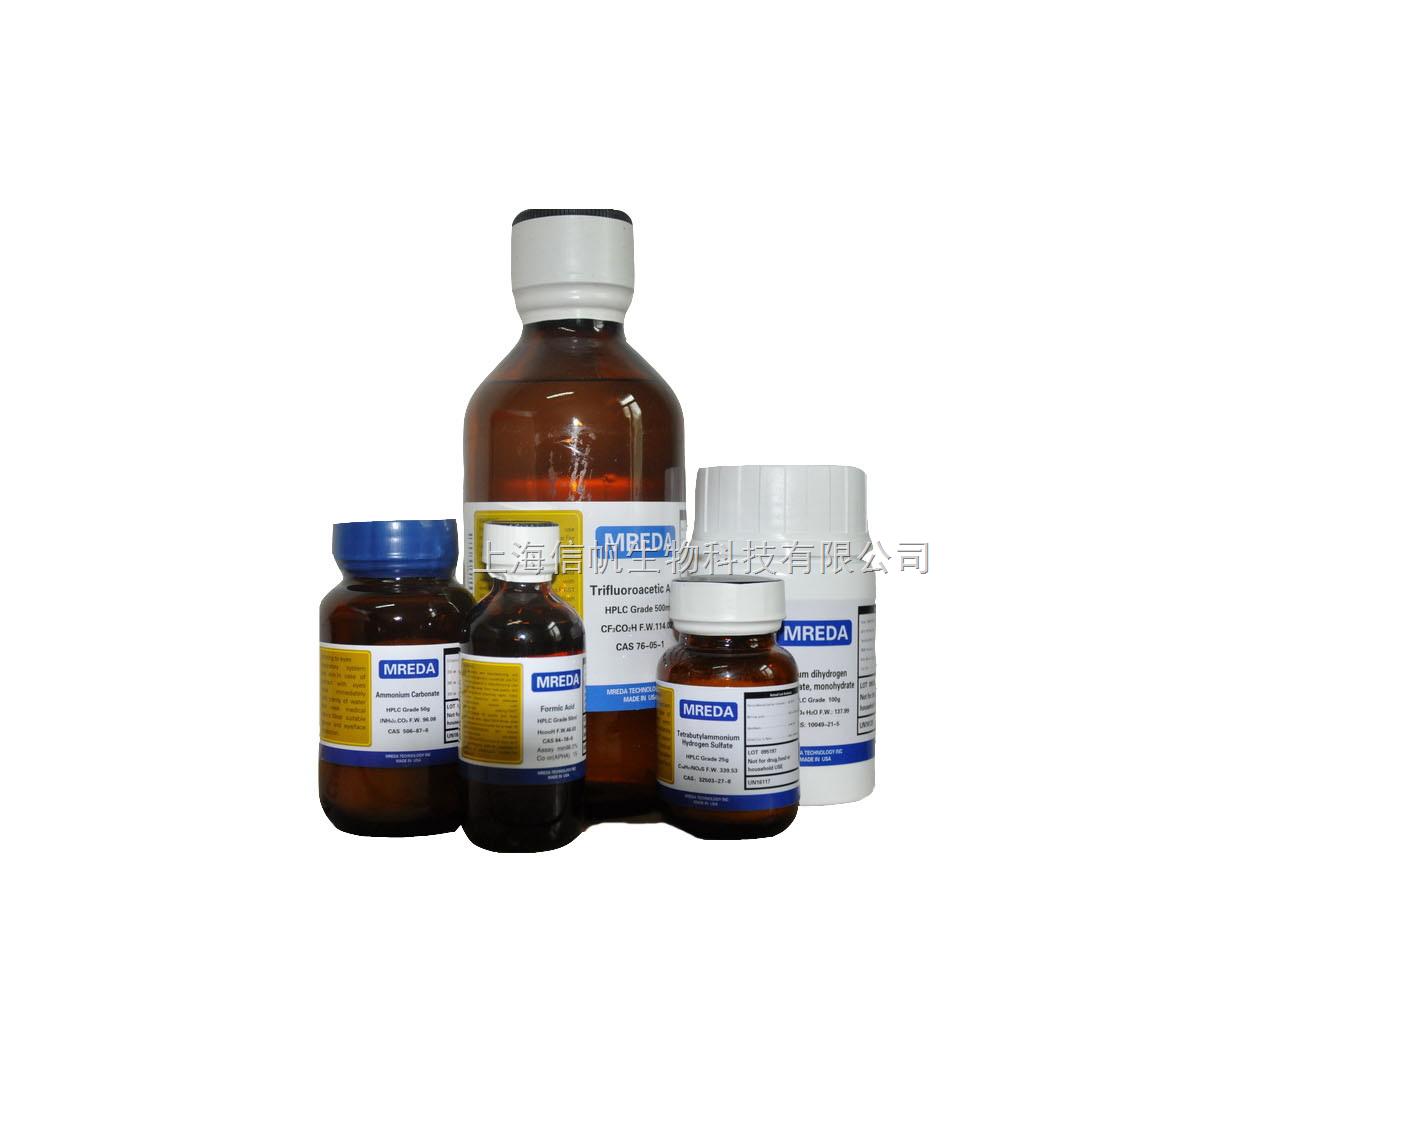 黄嘌呤氧化酶测试盒,进口高精度试剂盒